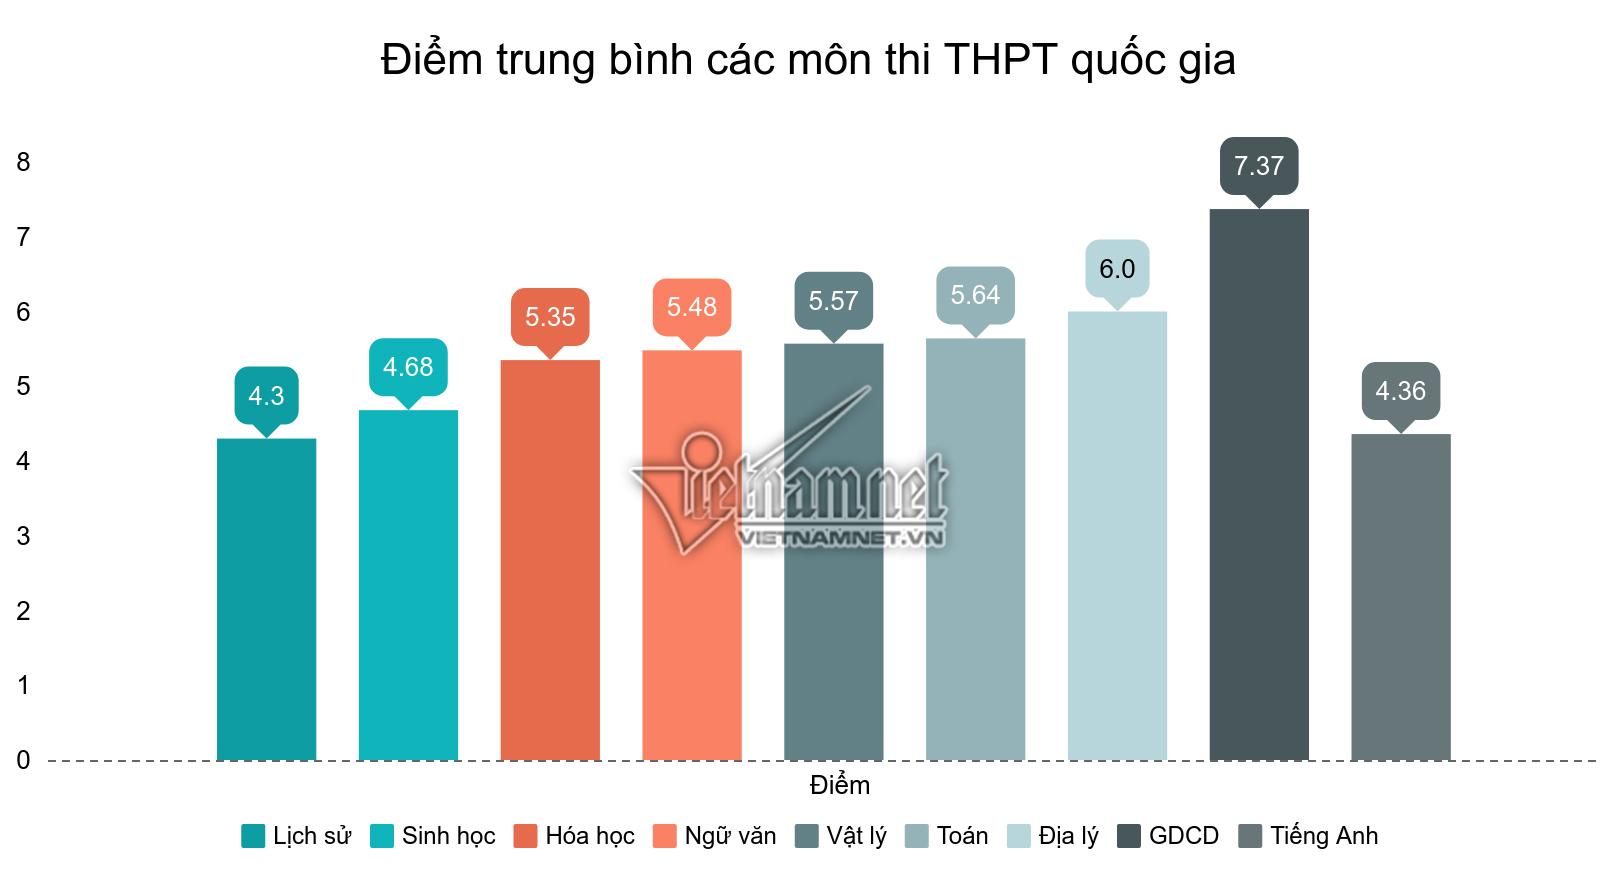 thi THPT quốc gia 2019,Thi THPT quốc gia,Điểm thi THPT quốc gia,Điểm thi